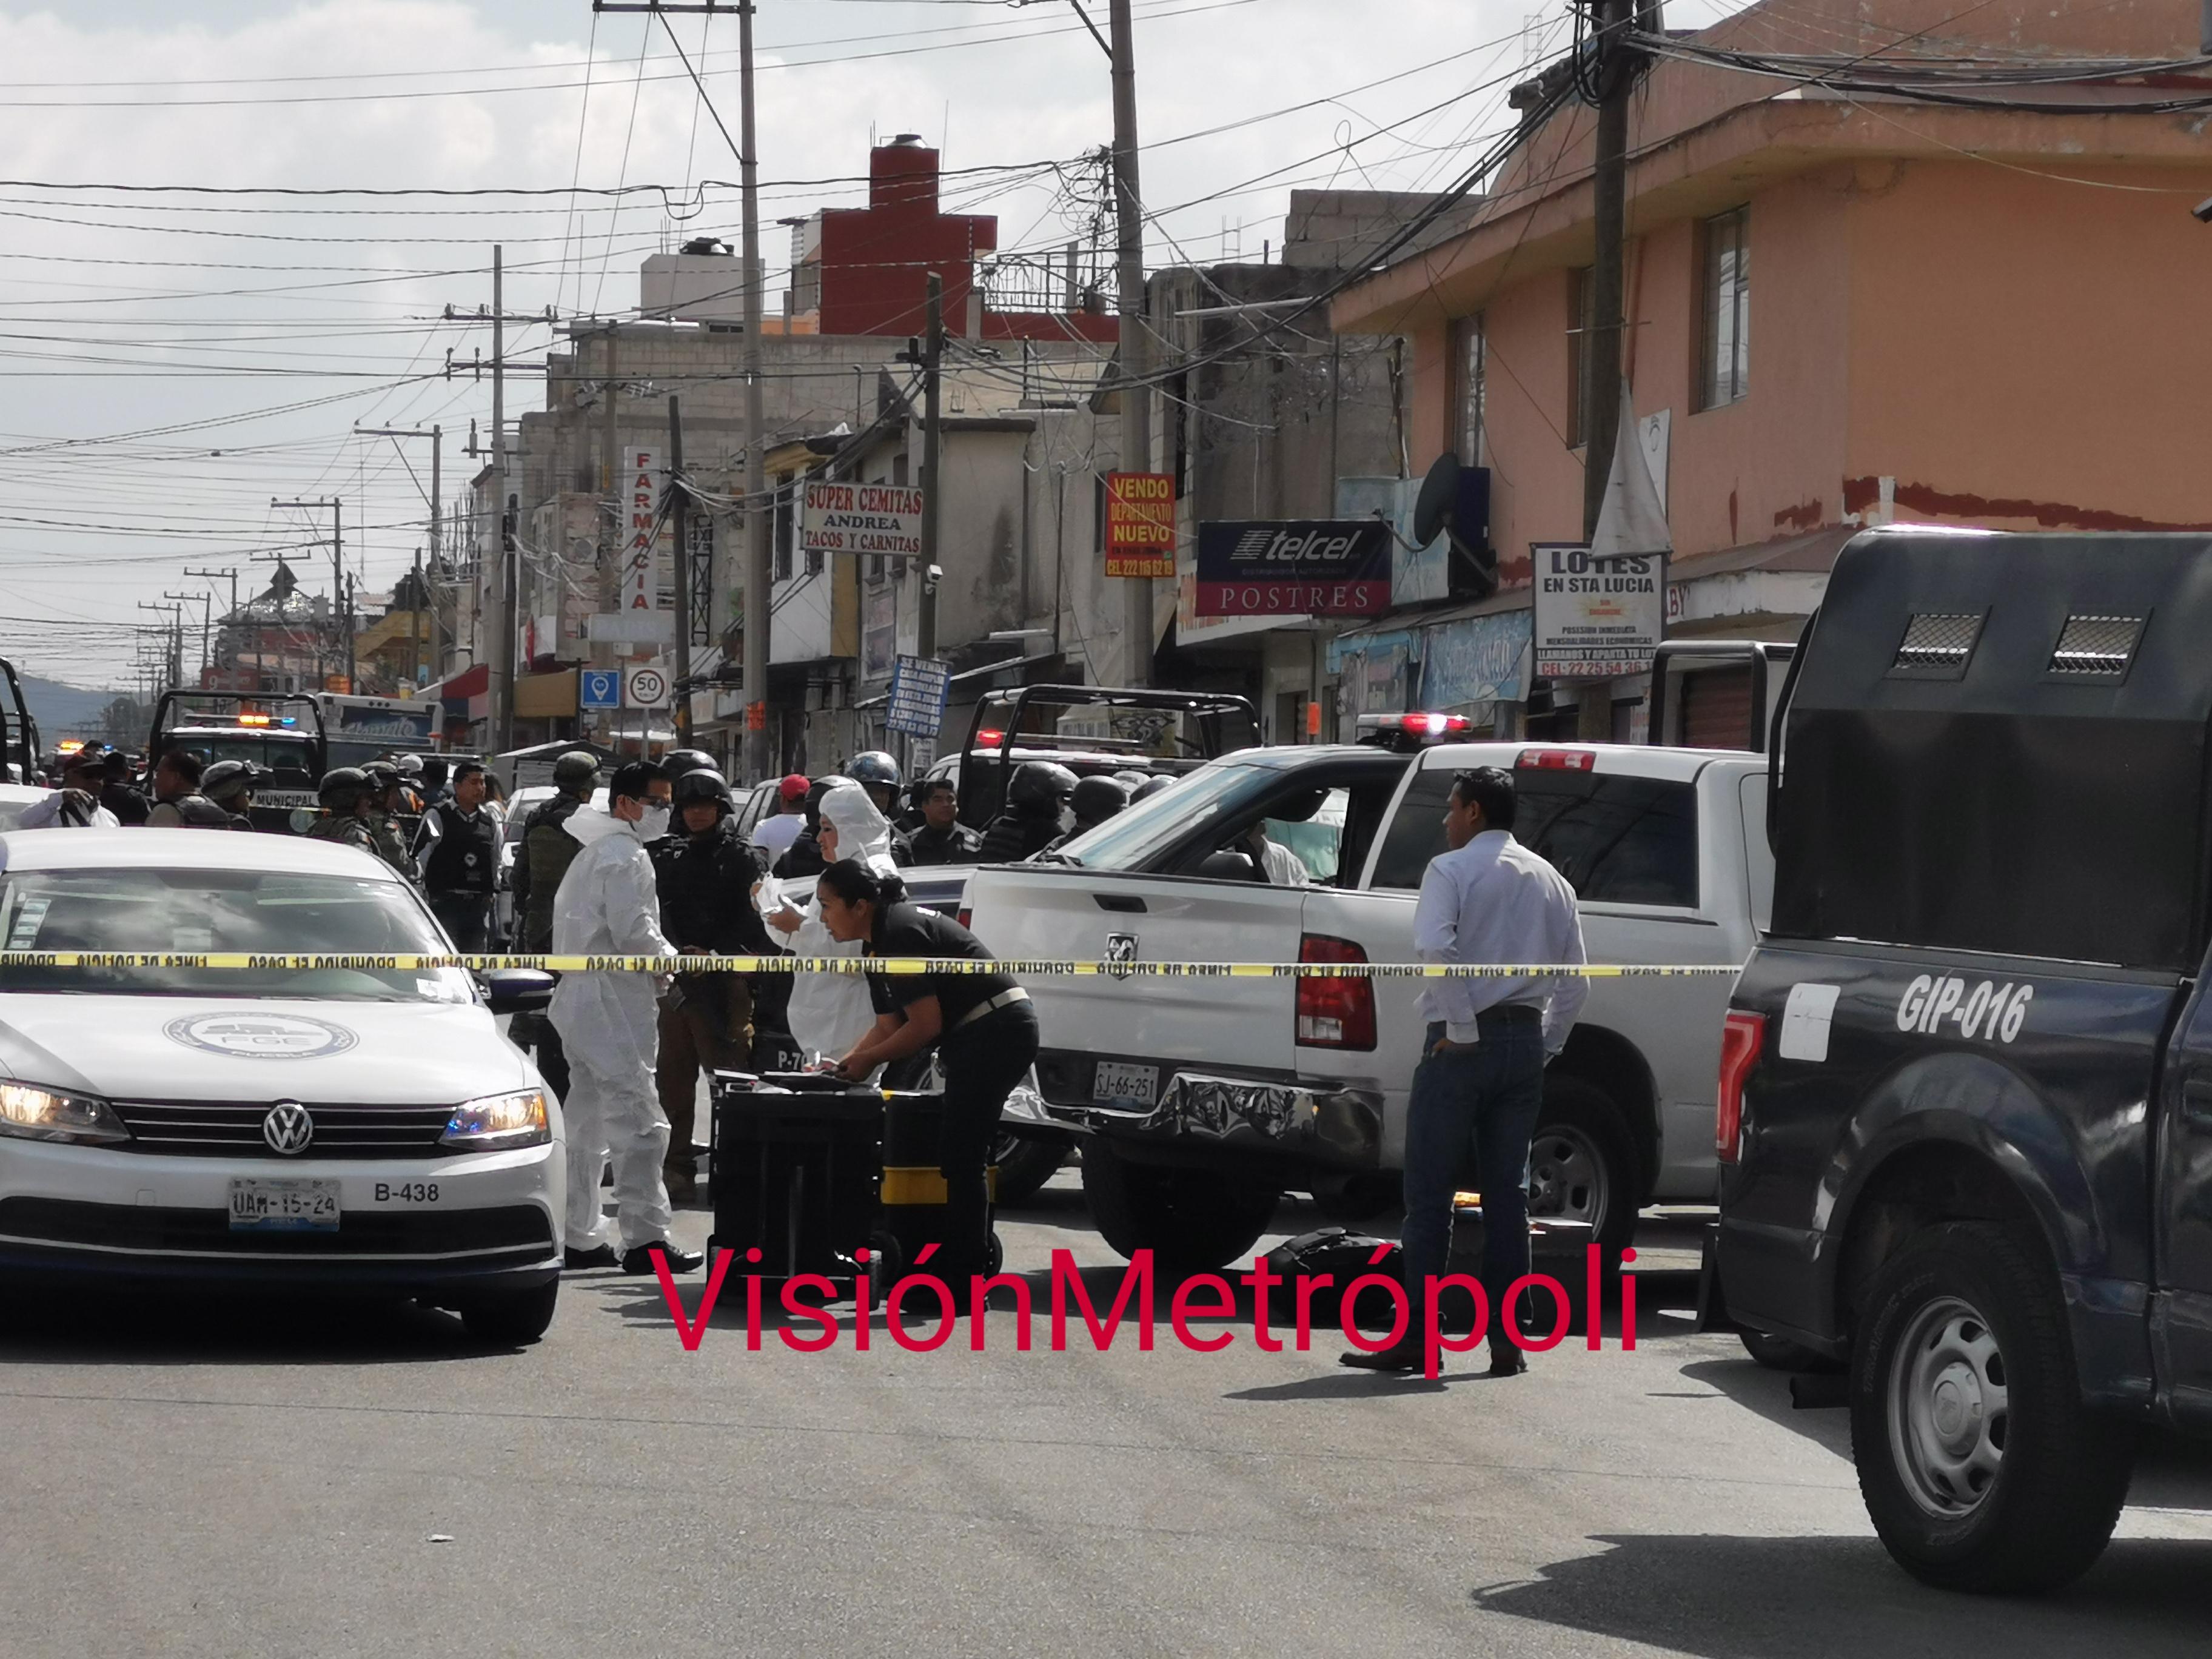 UN POLICÍA MUERTO TRAS BALACERA EN MINERALES DEL SUR